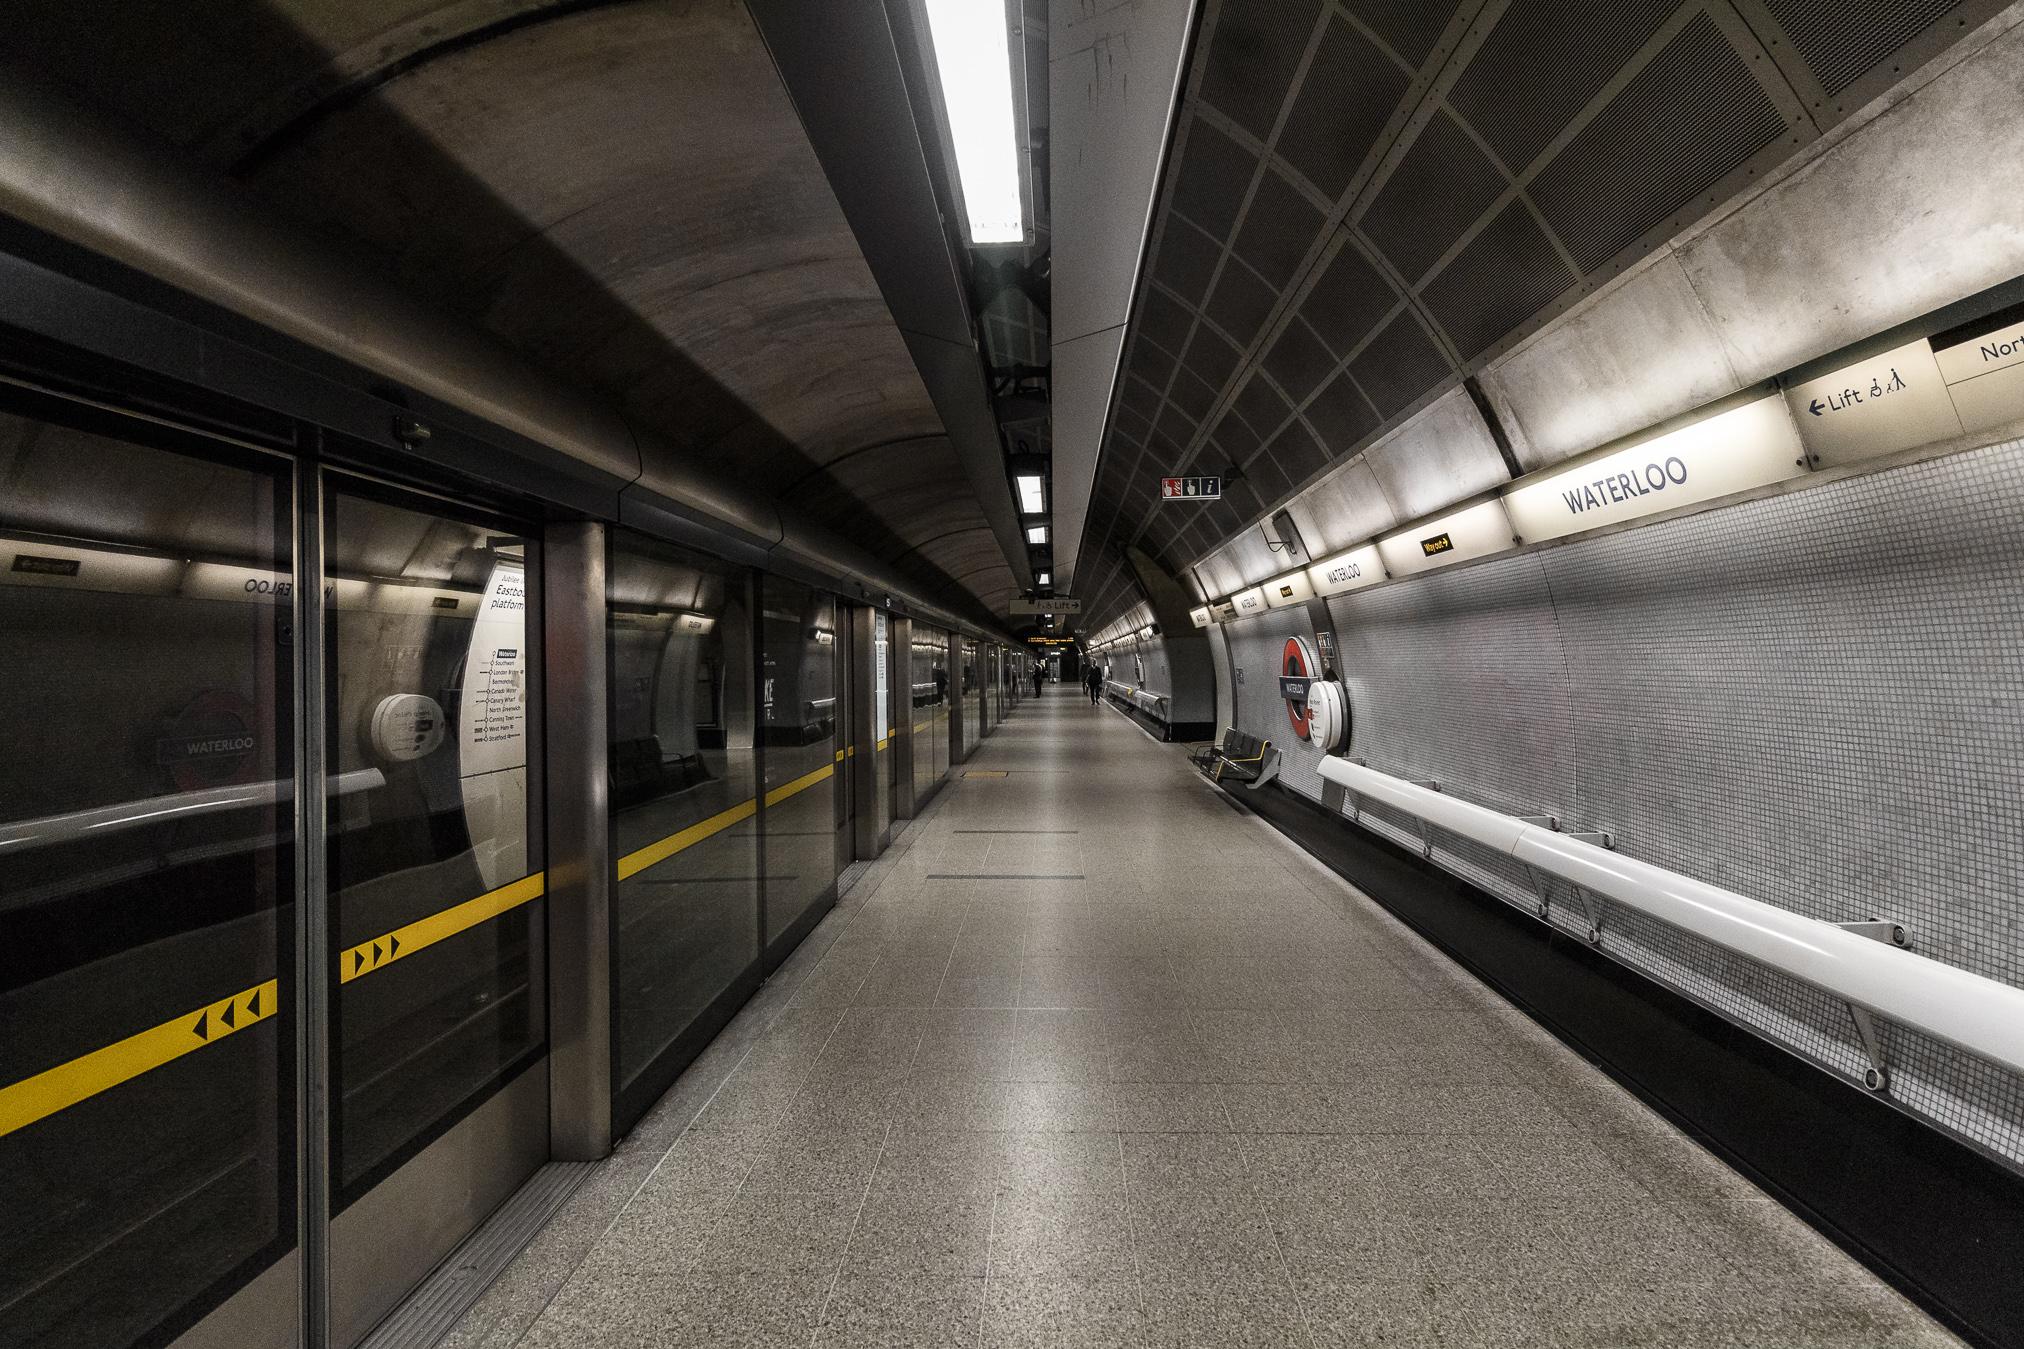 U-Bahnhöfe sind spannende Motive und das bei jedem Wetter